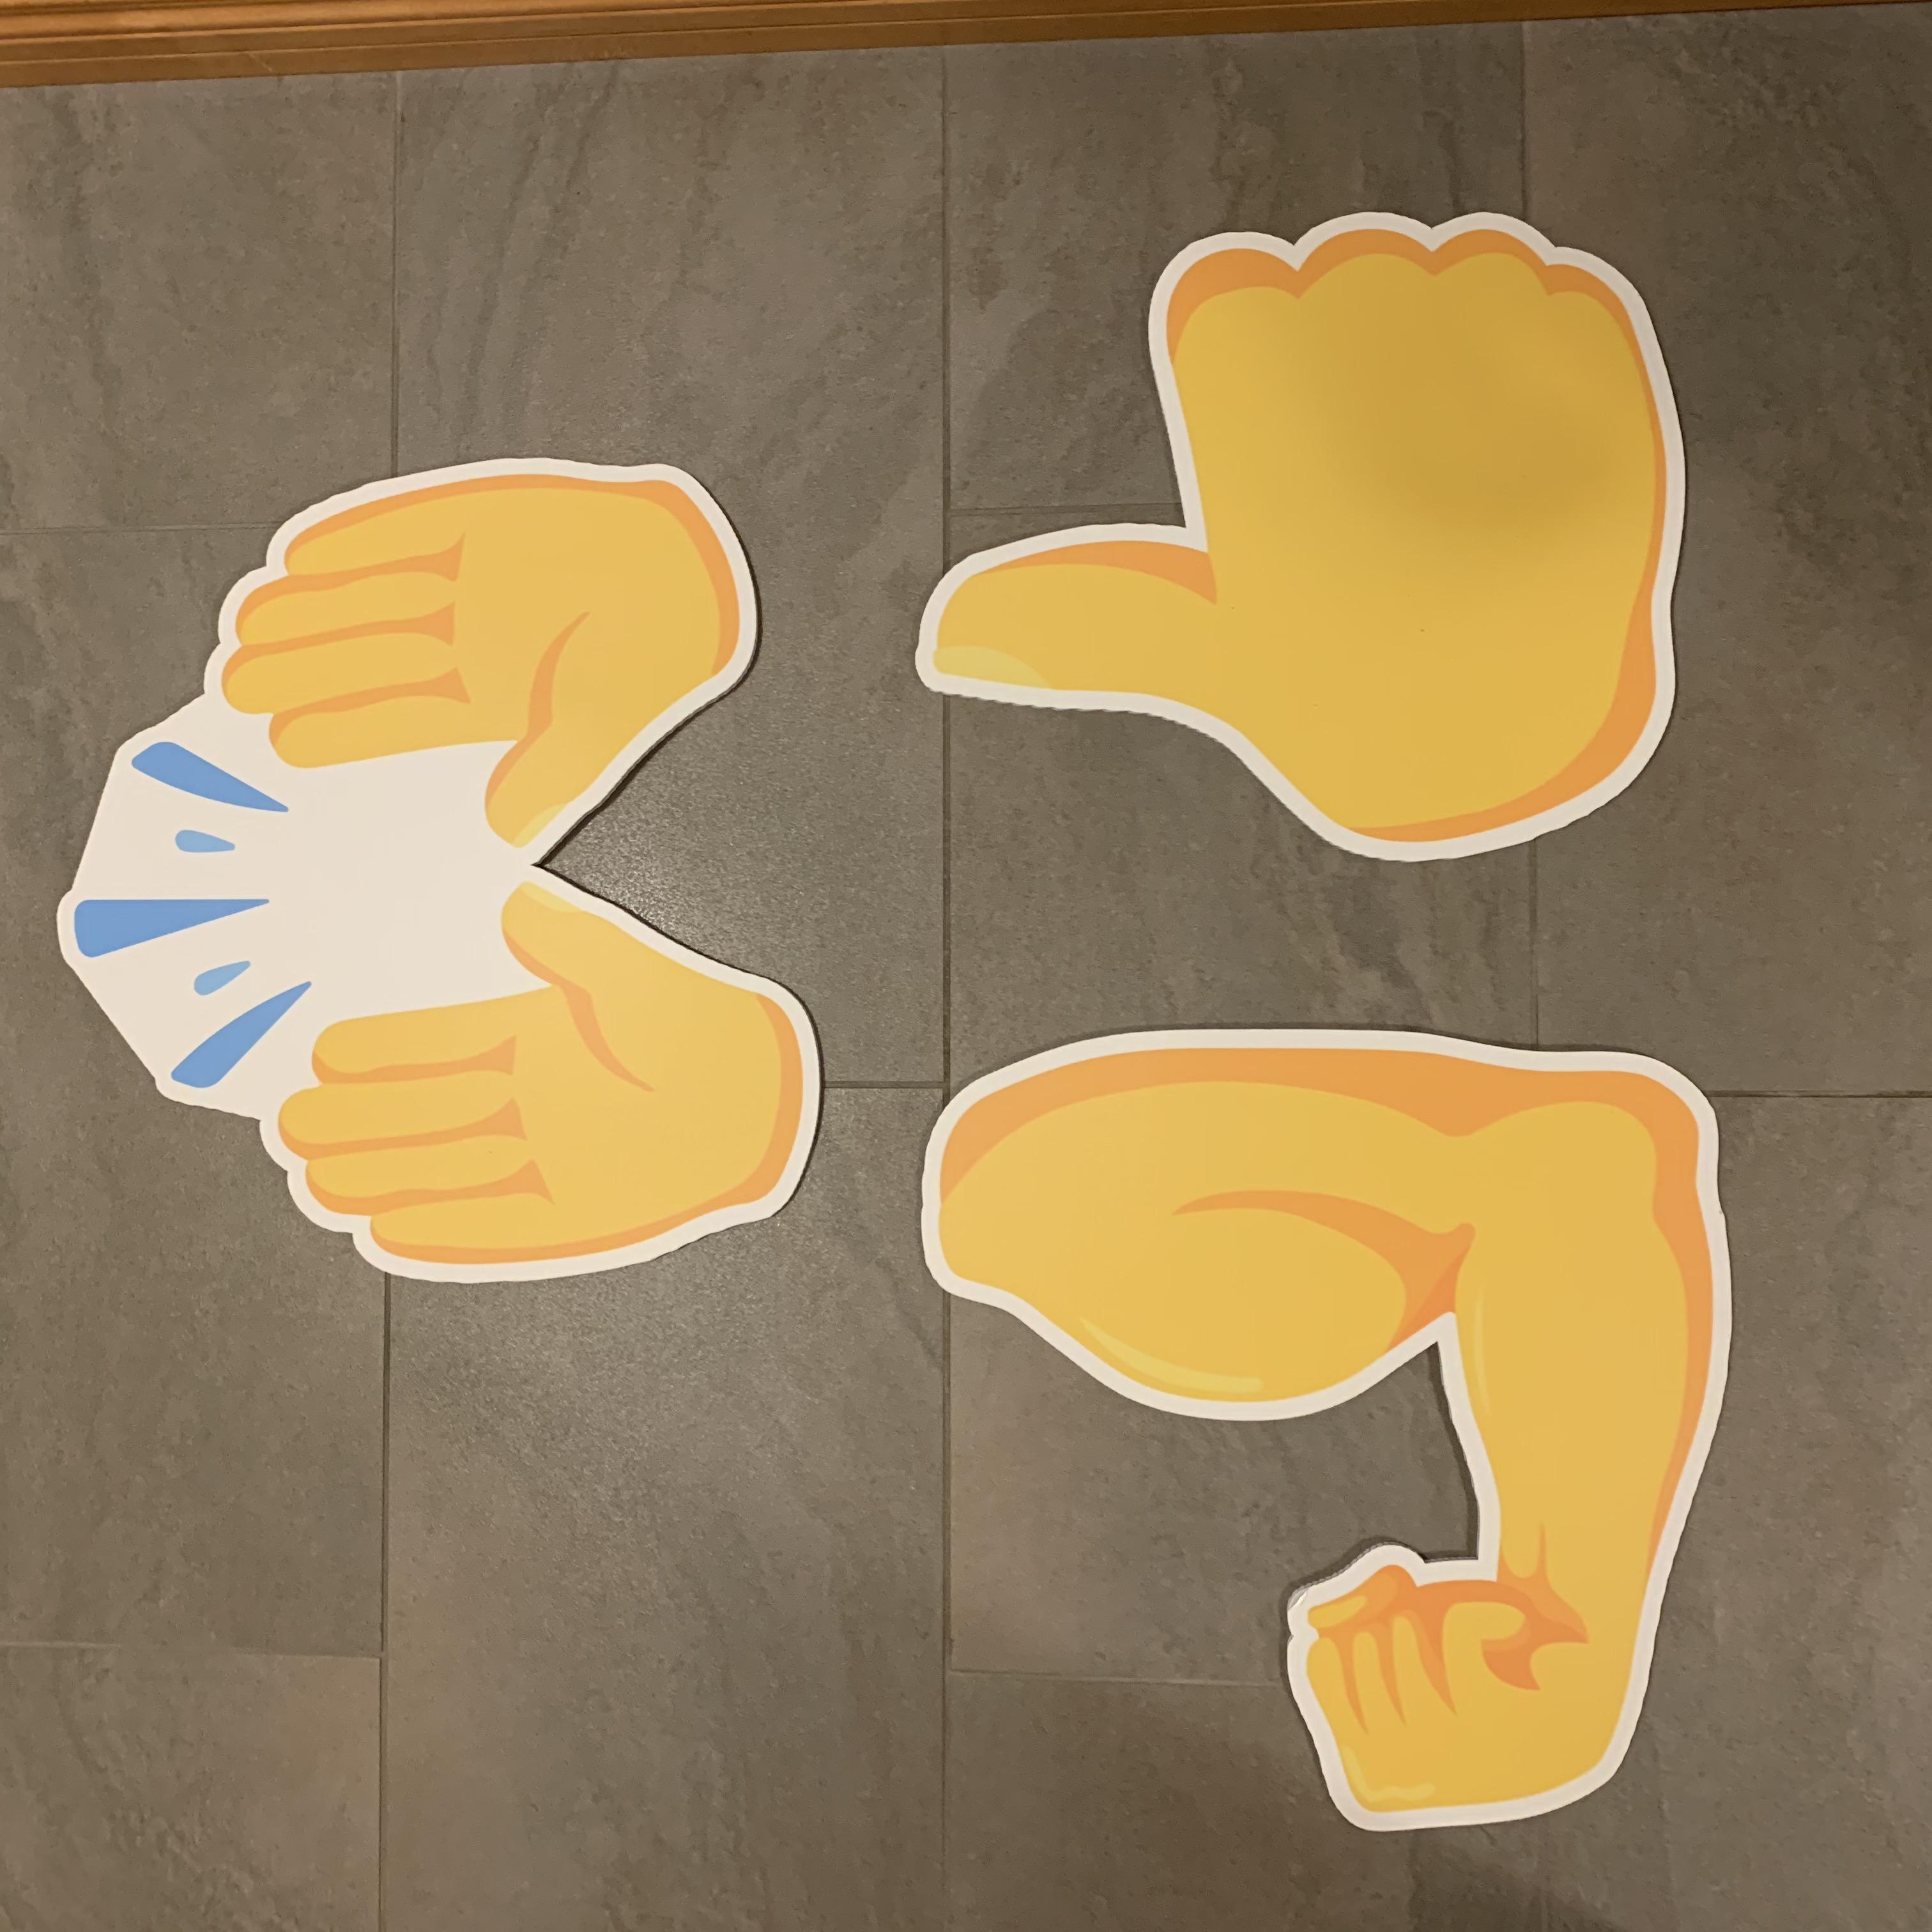 Emoji Hands